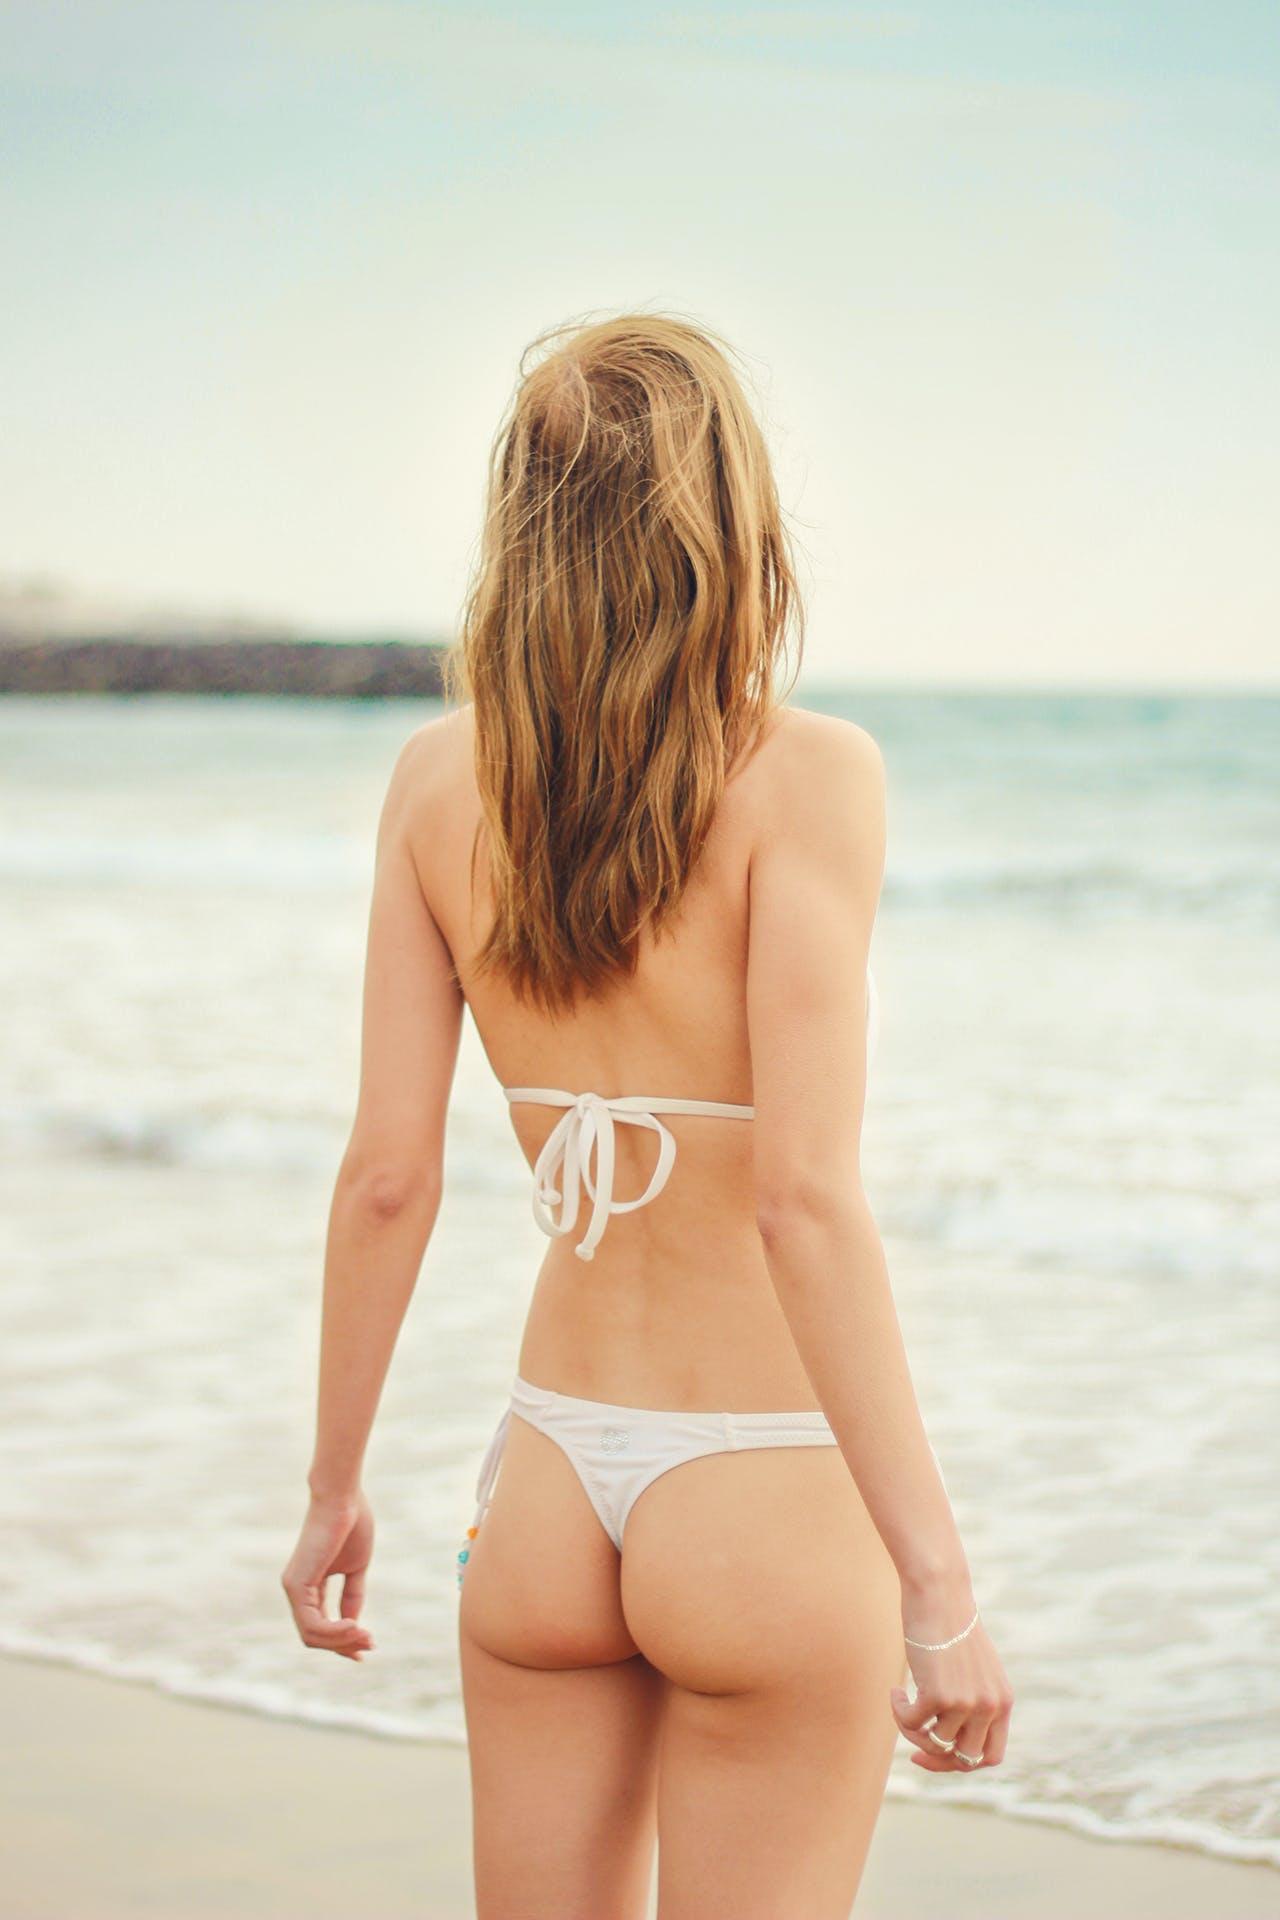 badedragt, bikini, blond hår